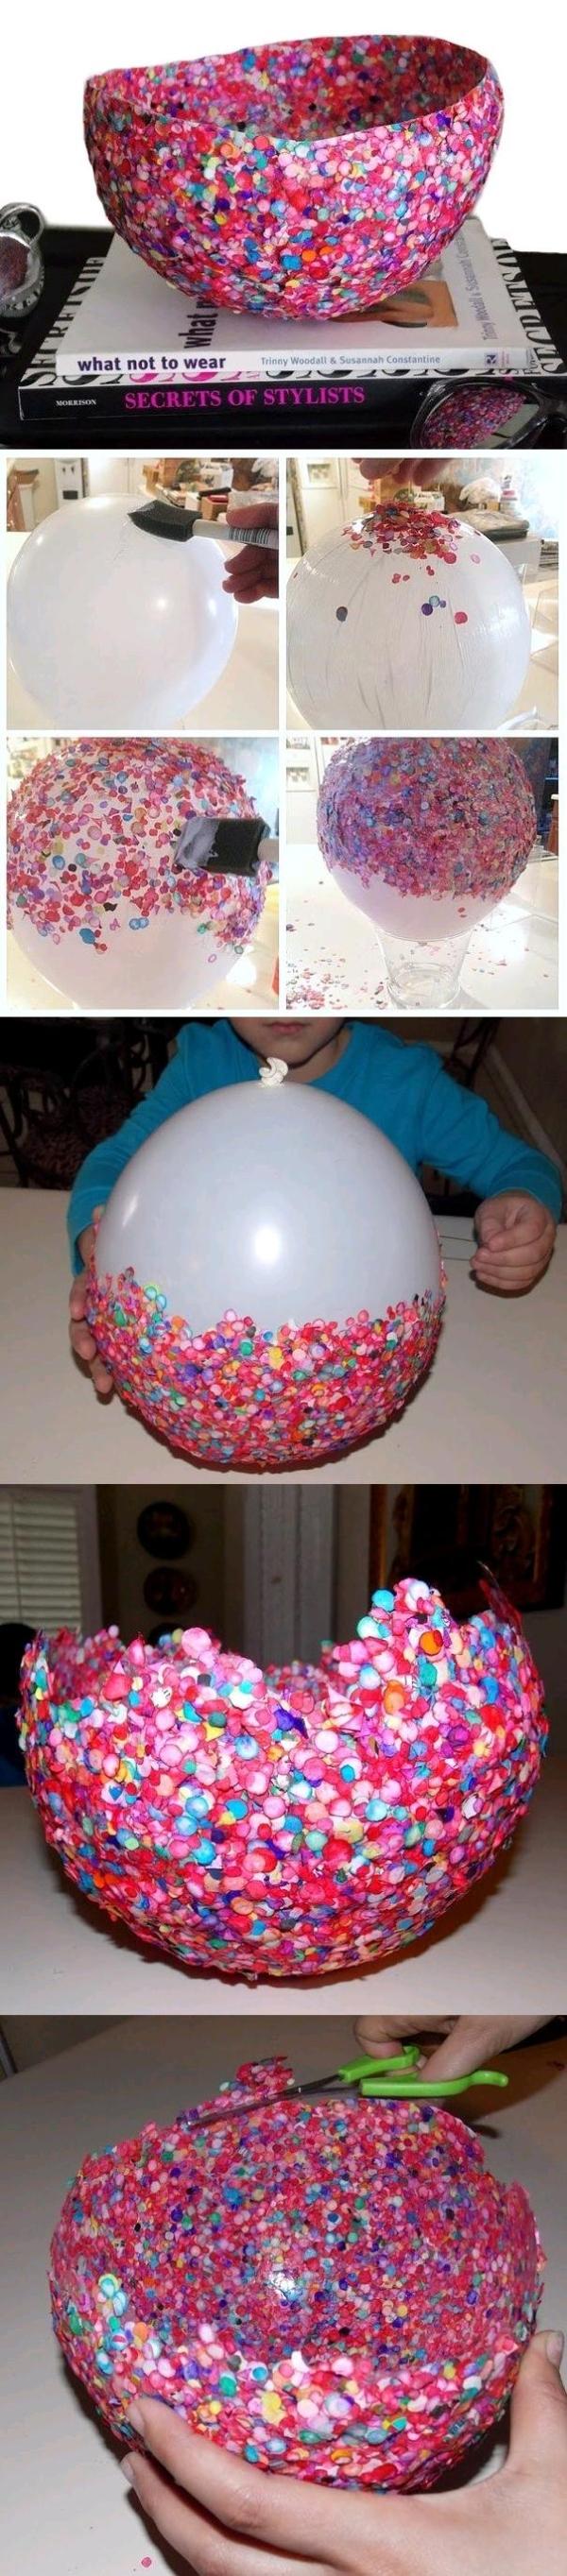 DIY Confetti Vaas. Een leuk schaal om zelf te maken voor je zomer feest? Wij hebben in onze webshop trouwens ook mooie confetti te koop: http://www.hetzijstraatje.nl/a-41221831/zomerfeest/kleurrijke-confetti/